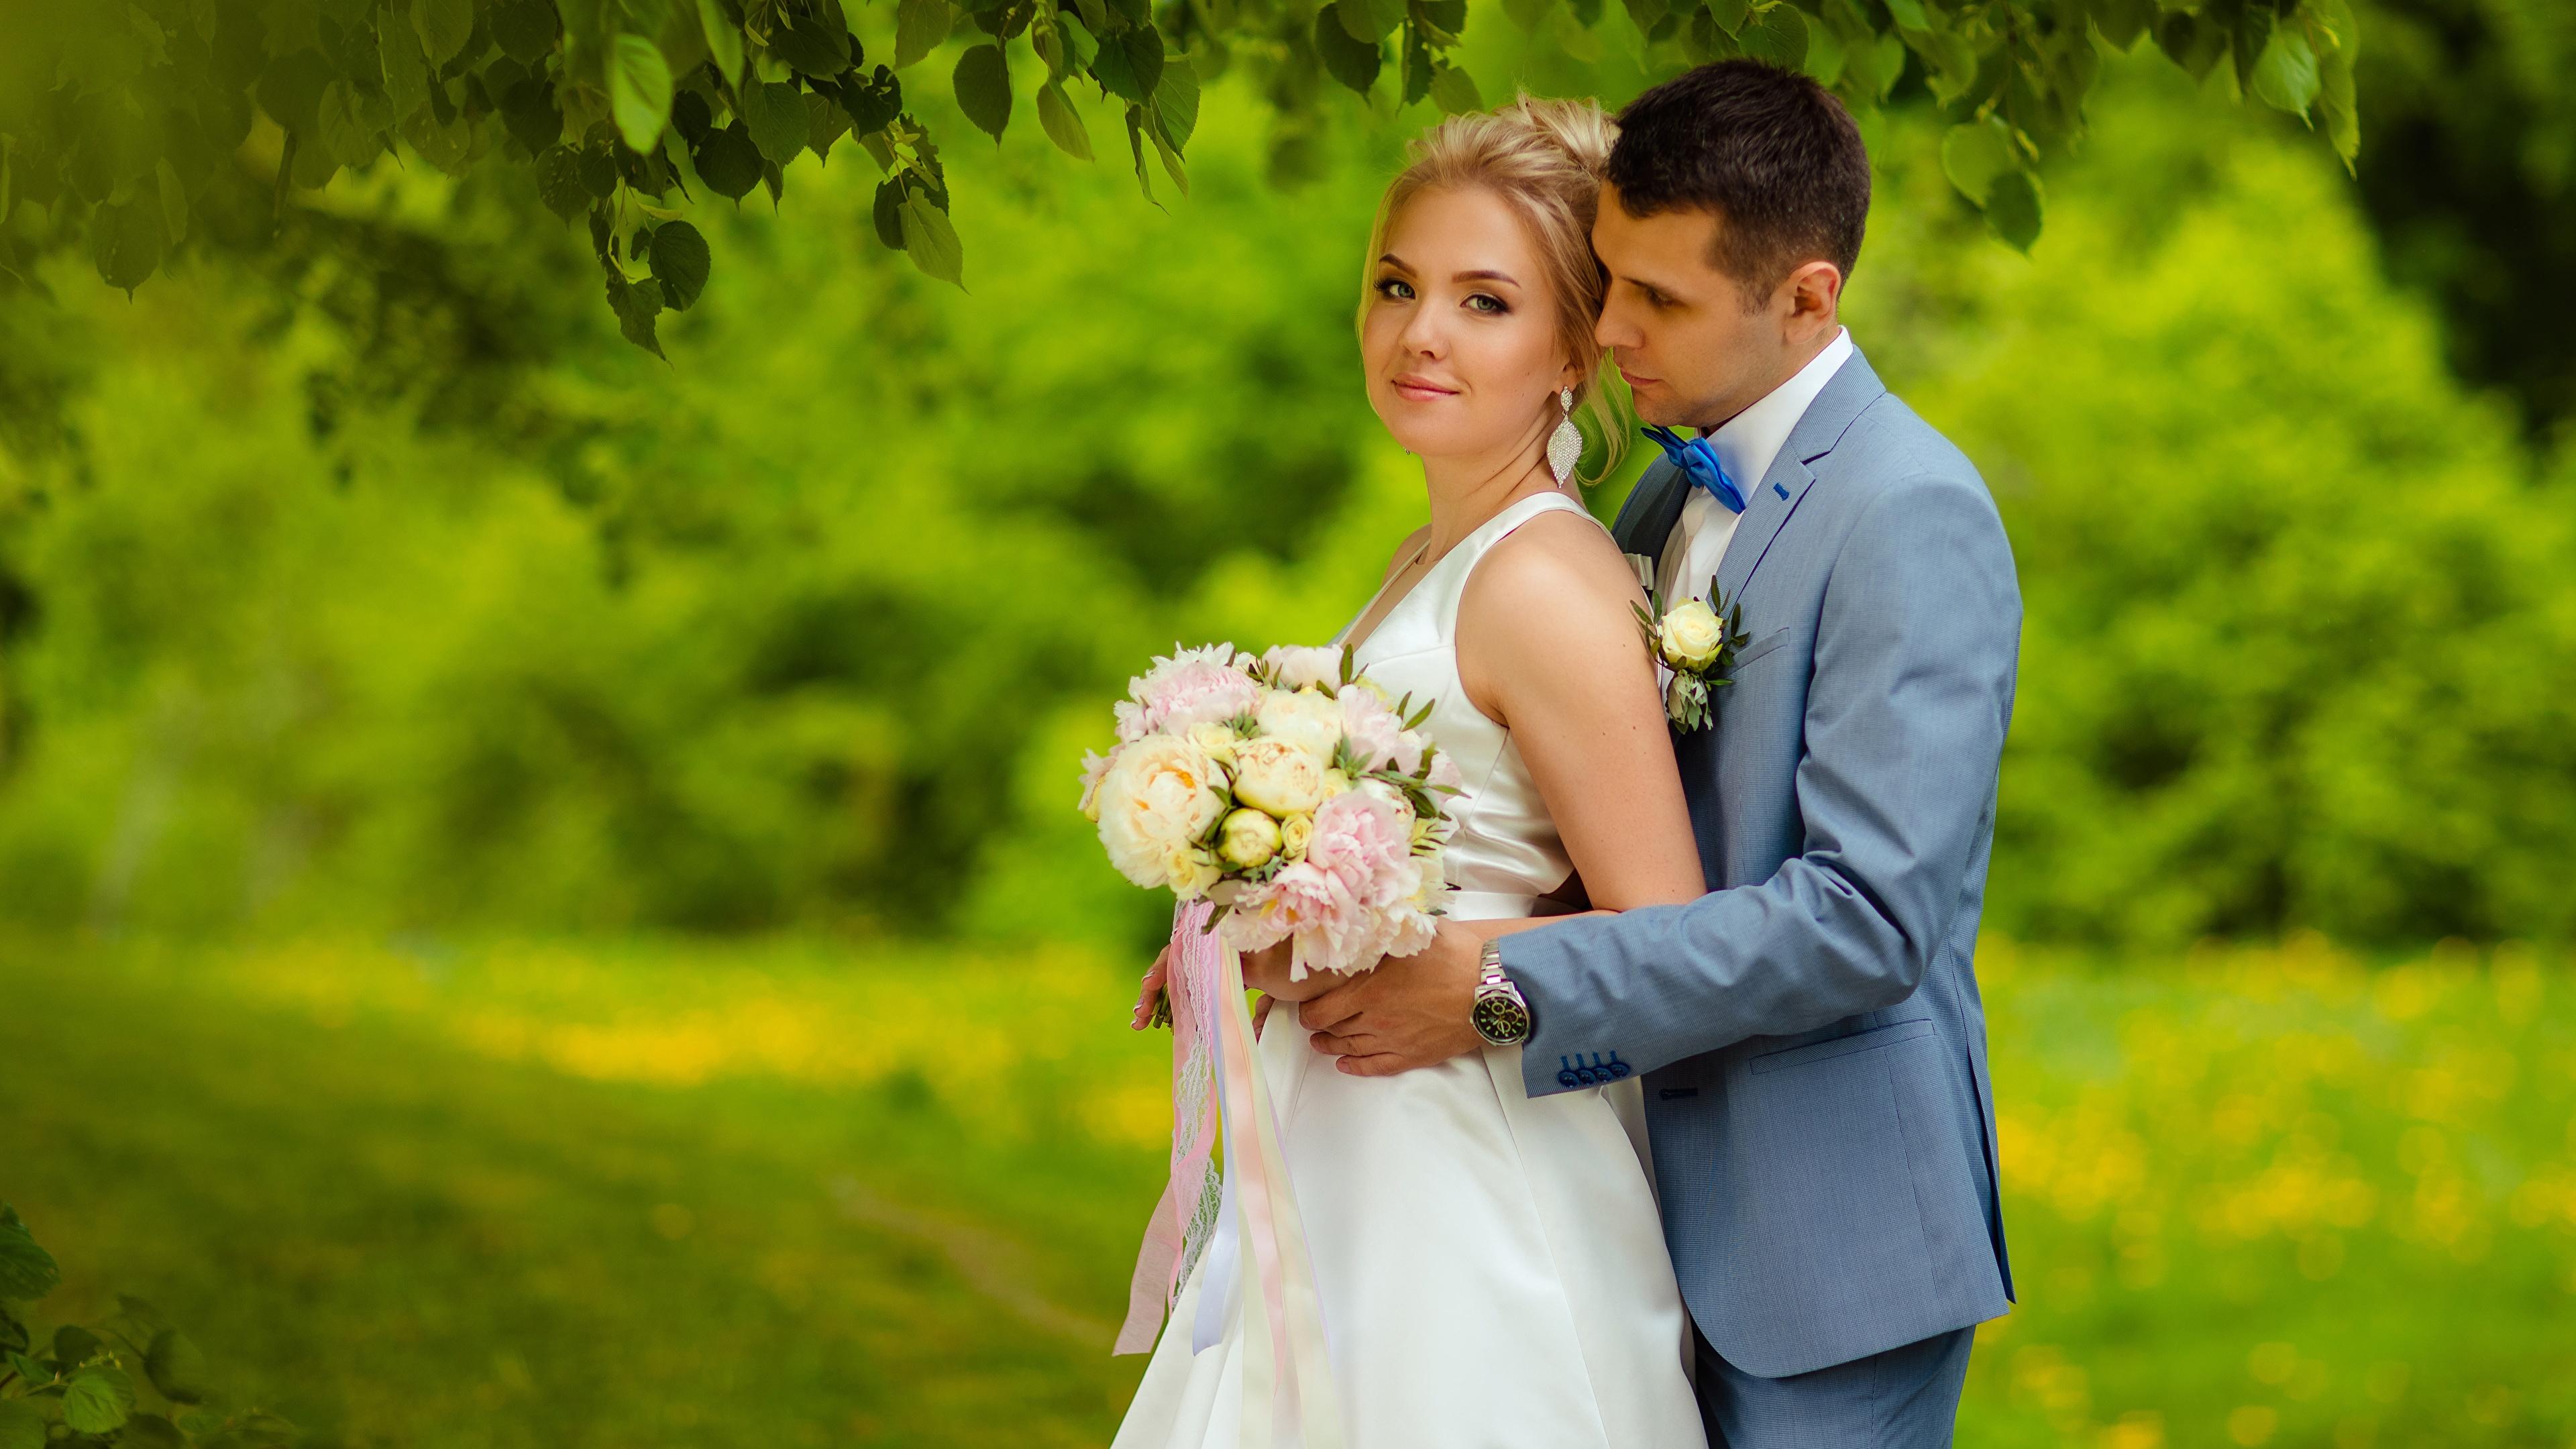 Картинка Жених Невеста Блондинка Мужчины Букеты Двое Девушки 3840x2160 2 вдвоем